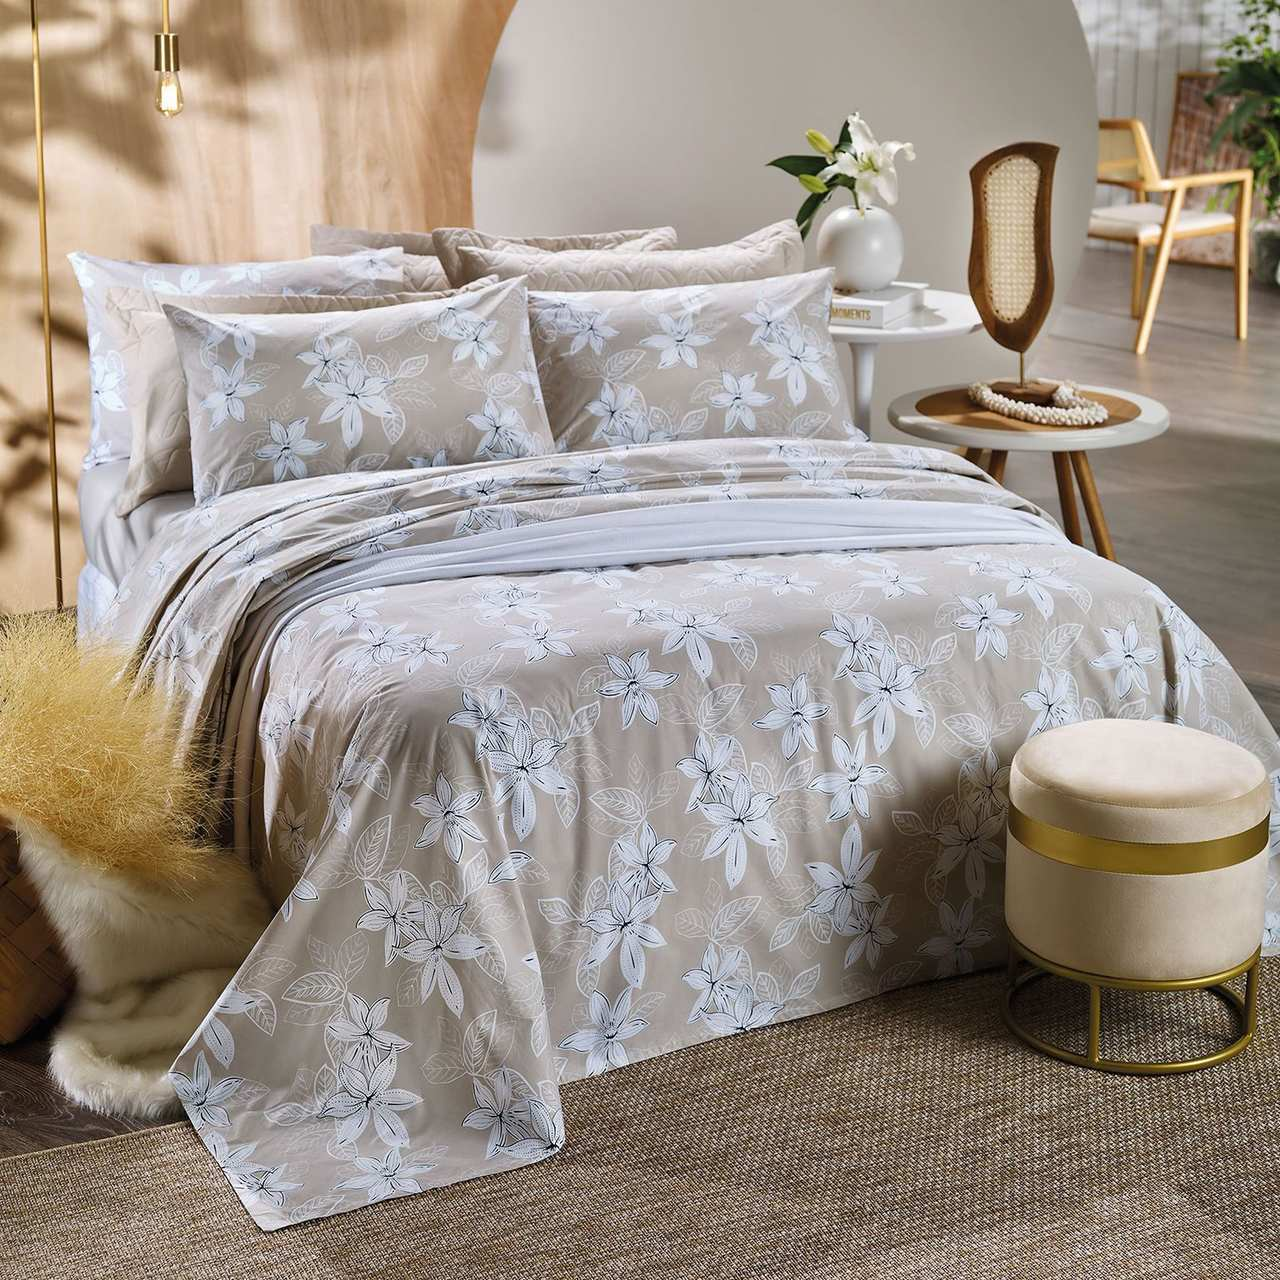 Jogo de cama queen unique 180 fios 100% algodão Valley estampado bege - Santista